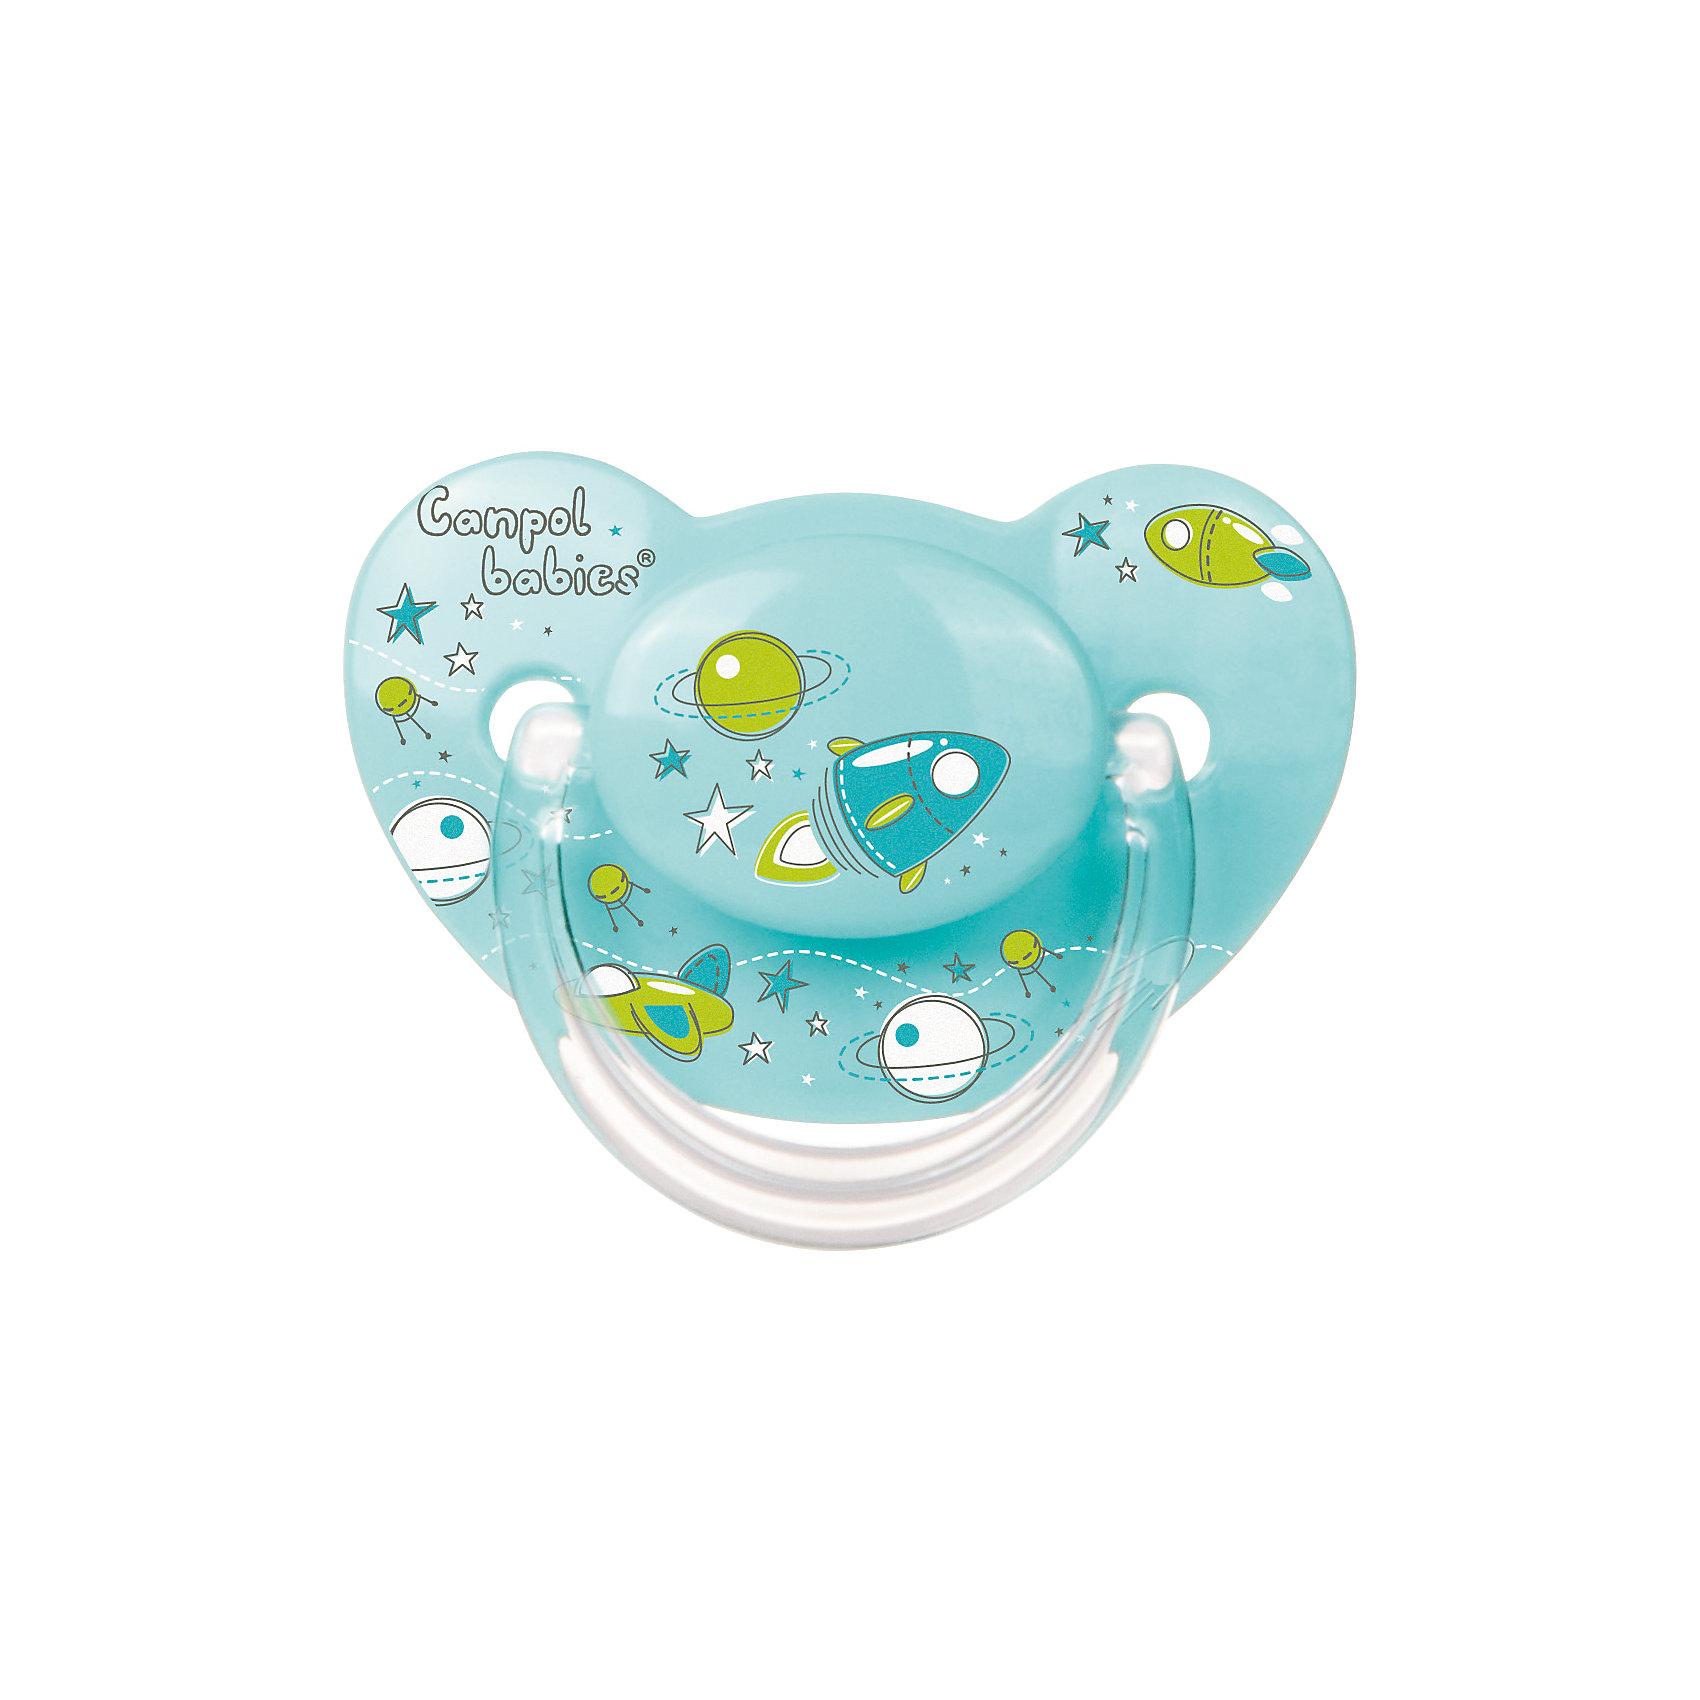 Пустышка анатомическая силиконовая, 6-18 Machines, Canpol Babies, бирюзовыйХарактеристики:<br><br>• Наименование: пустышка<br>• Пол: для мальчика<br>• Материал: силикон, пластик<br>• Цвет: бирюзовый, синий, зеленый<br>• Форма: анатомическая<br>• Наличие отверстий для вентиляции<br>• Наличие кольца для держателя<br>• Особенности ухода: регулярная стерилизация и своевременная замена<br><br>Пустышка анатомическая силиконовая, 6-18 Machines, Canpol Babies, бирюзовый имеет специальную форму, которая обеспечивает правильное давление на небо. Изготовлена из запатентованного вида силикона, который не имеет запаха. При правильном уходе обеспечивает длительное использование. У соски имеется классический ограничитель с отверстиями для вентиляции и кольцо для держателя. Пустышка анатомическая силиконовая, 6-18 Machines, Canpol Babies, бирюзовый выполнена в ярком дизайне в космической тематике.<br><br>Пустышку анатомическую силиконовую, 6-18 Machines, Canpol Babies, бирюзовую можно купить в нашем интернет-магазине.<br><br>Ширина мм: 95<br>Глубина мм: 45<br>Высота мм: 155<br>Вес г: 110<br>Возраст от месяцев: 6<br>Возраст до месяцев: 18<br>Пол: Мужской<br>Возраст: Детский<br>SKU: 5156616